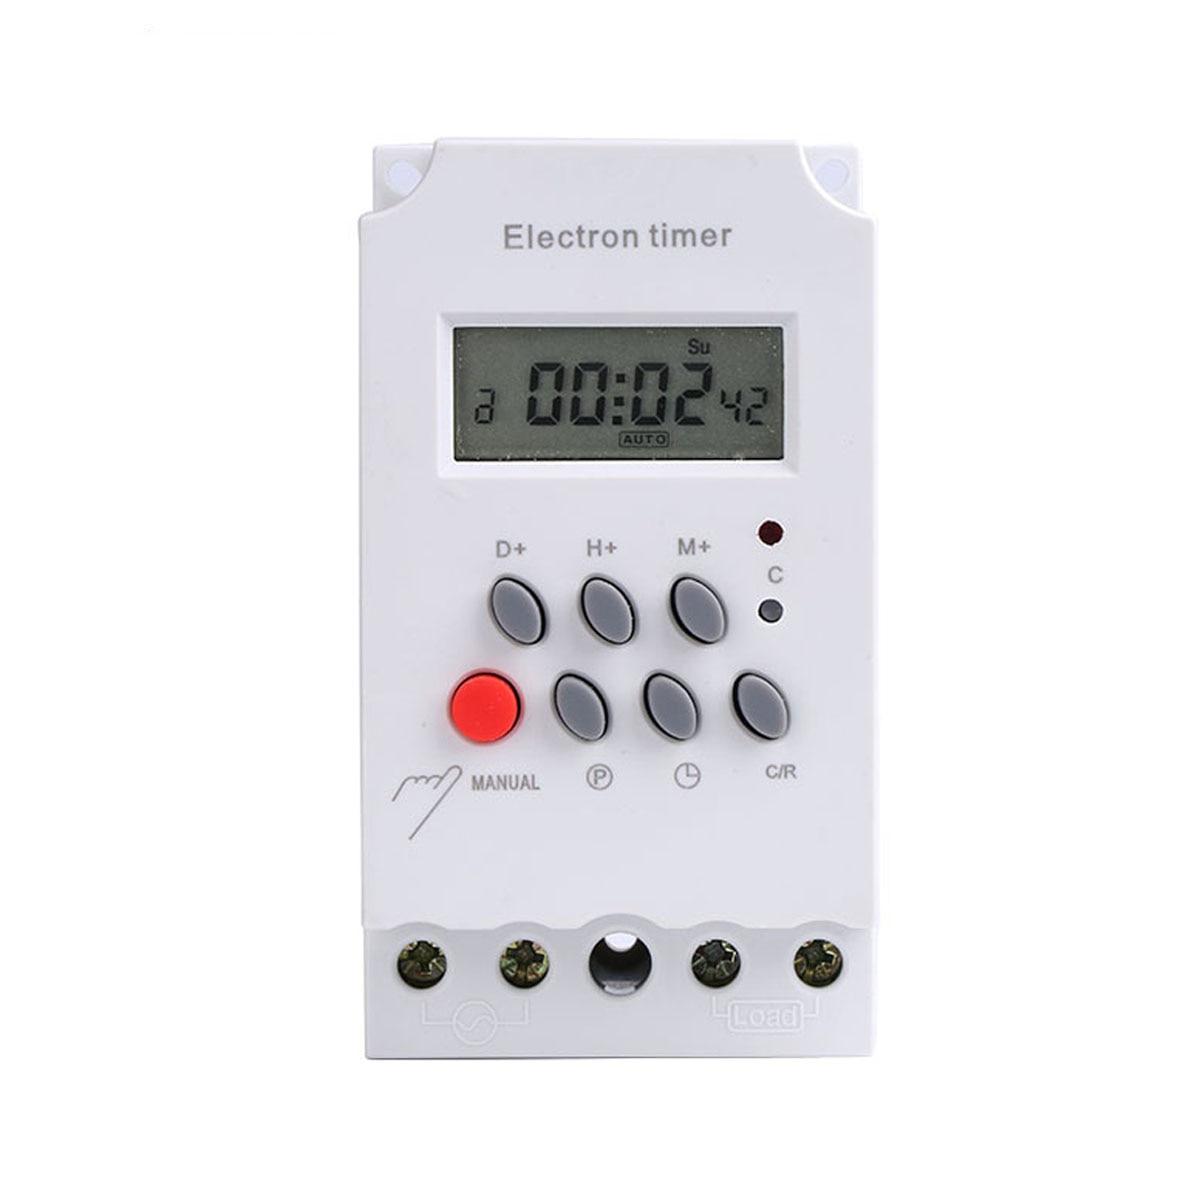 Timer Unparteiisch 1 Pcs Digitale Zeit Schalter Elektron Timer Mit Zyklus Timing Funktion Mikrocomputer Zeit Steuerung Schalter Kg316t-ii